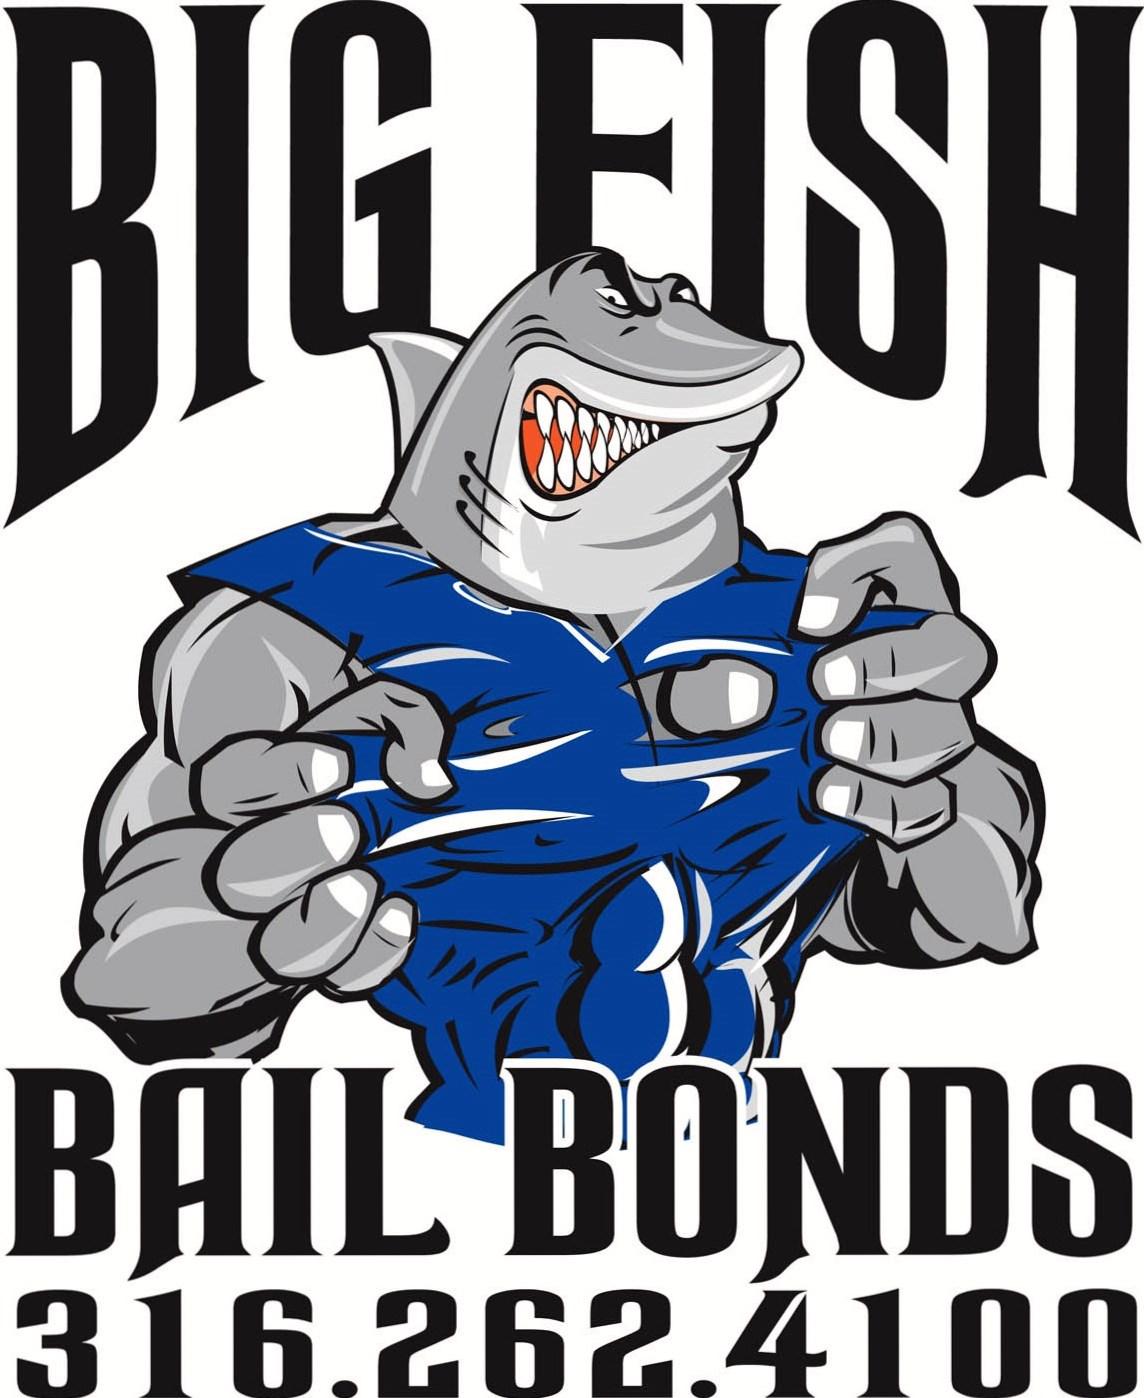 big fish bonds logo.png